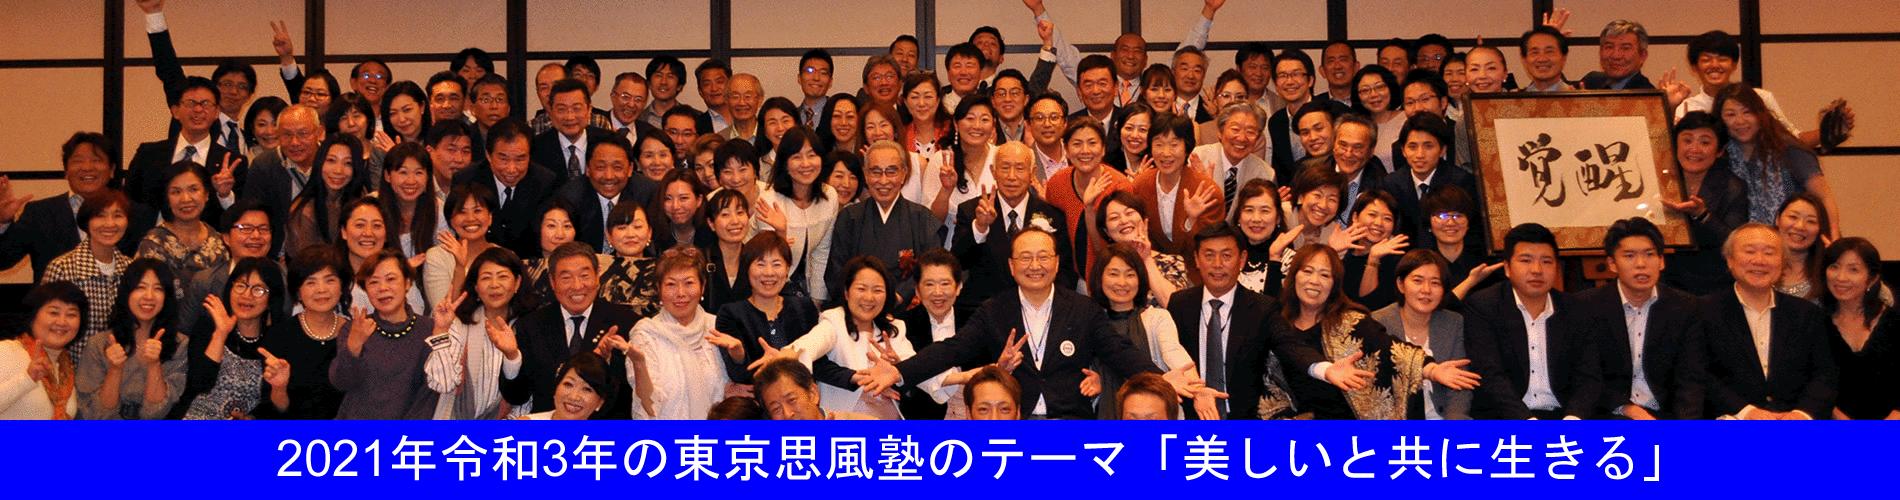 東京思風塾2020年、年間テーマ「感性論哲学〜哲学するために学ぶ」